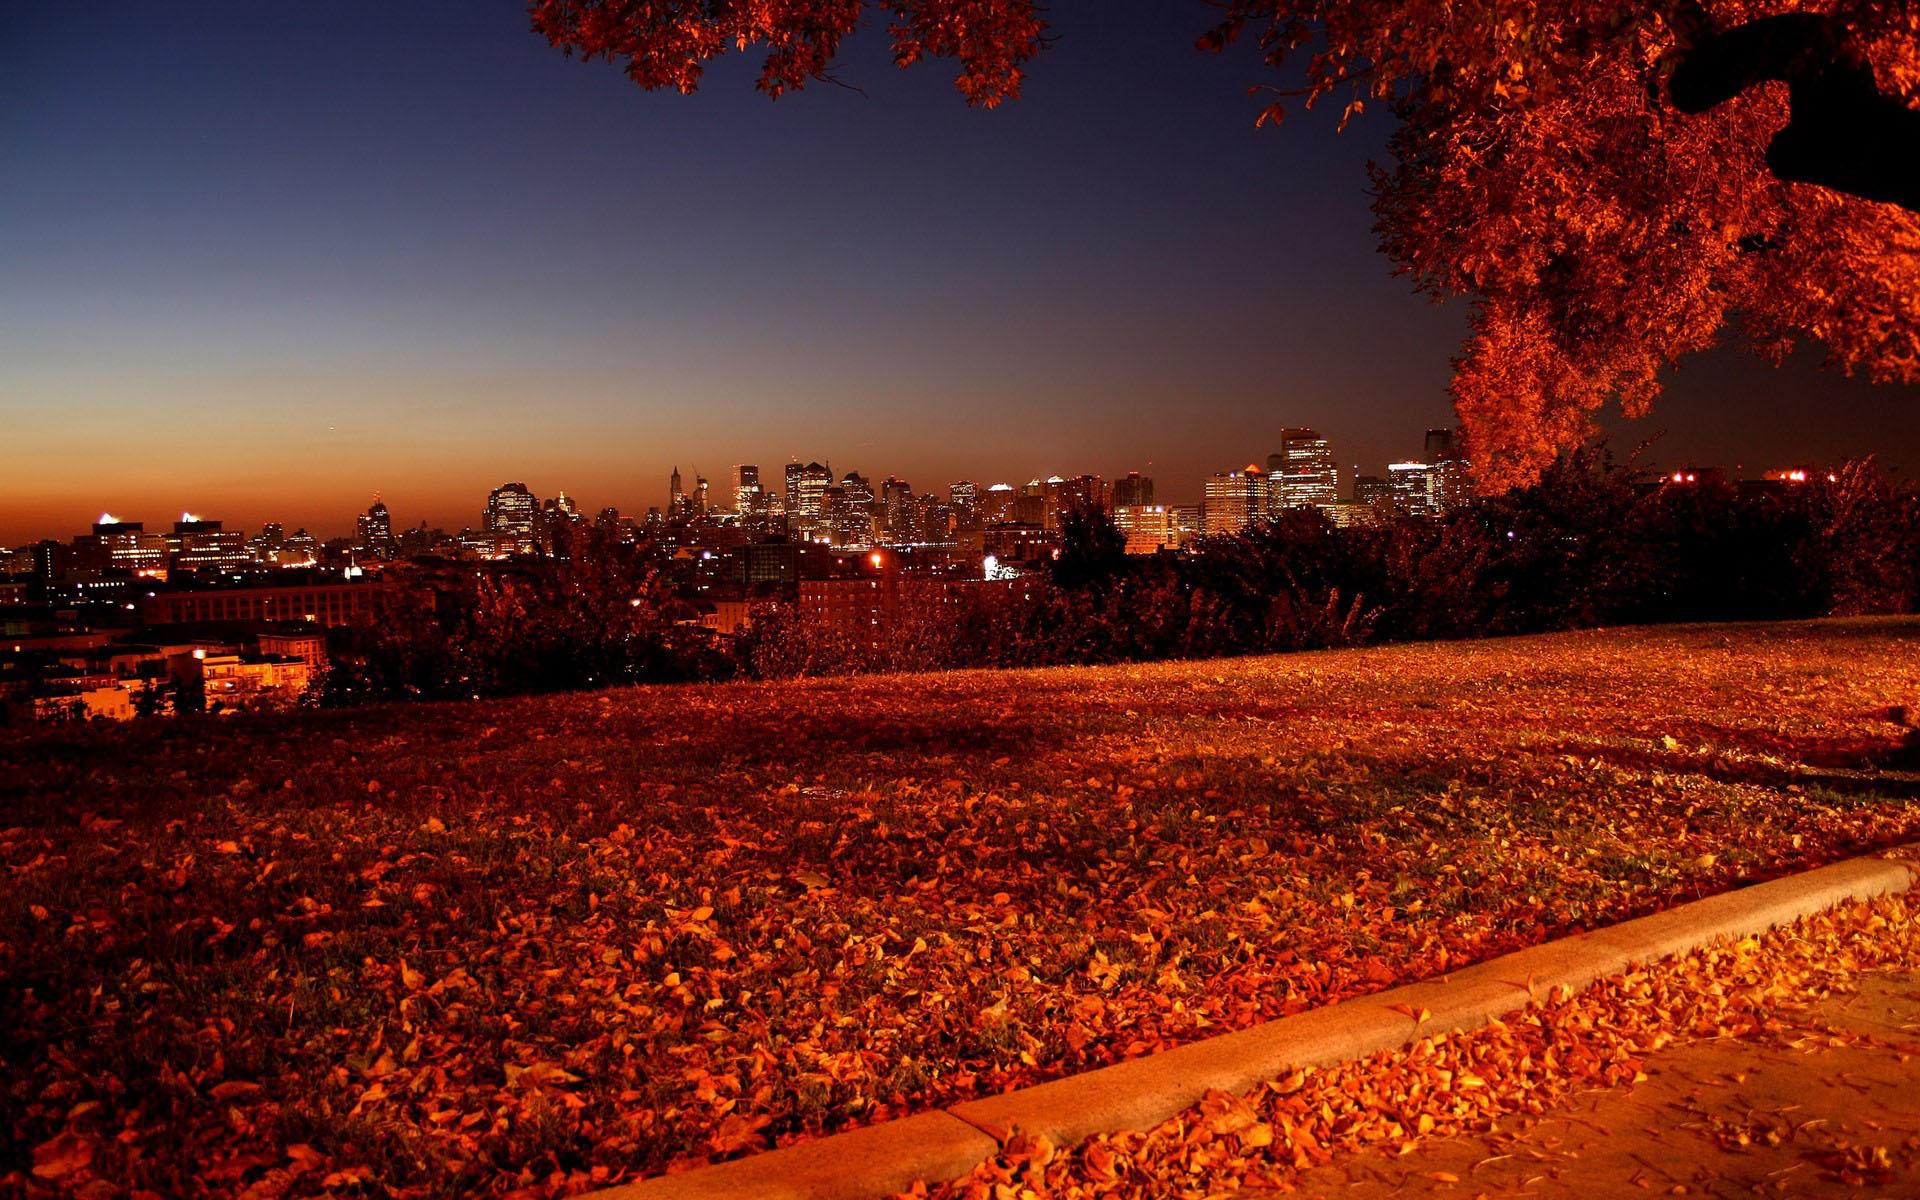 наступила осень, скачать фото, рыжие листья